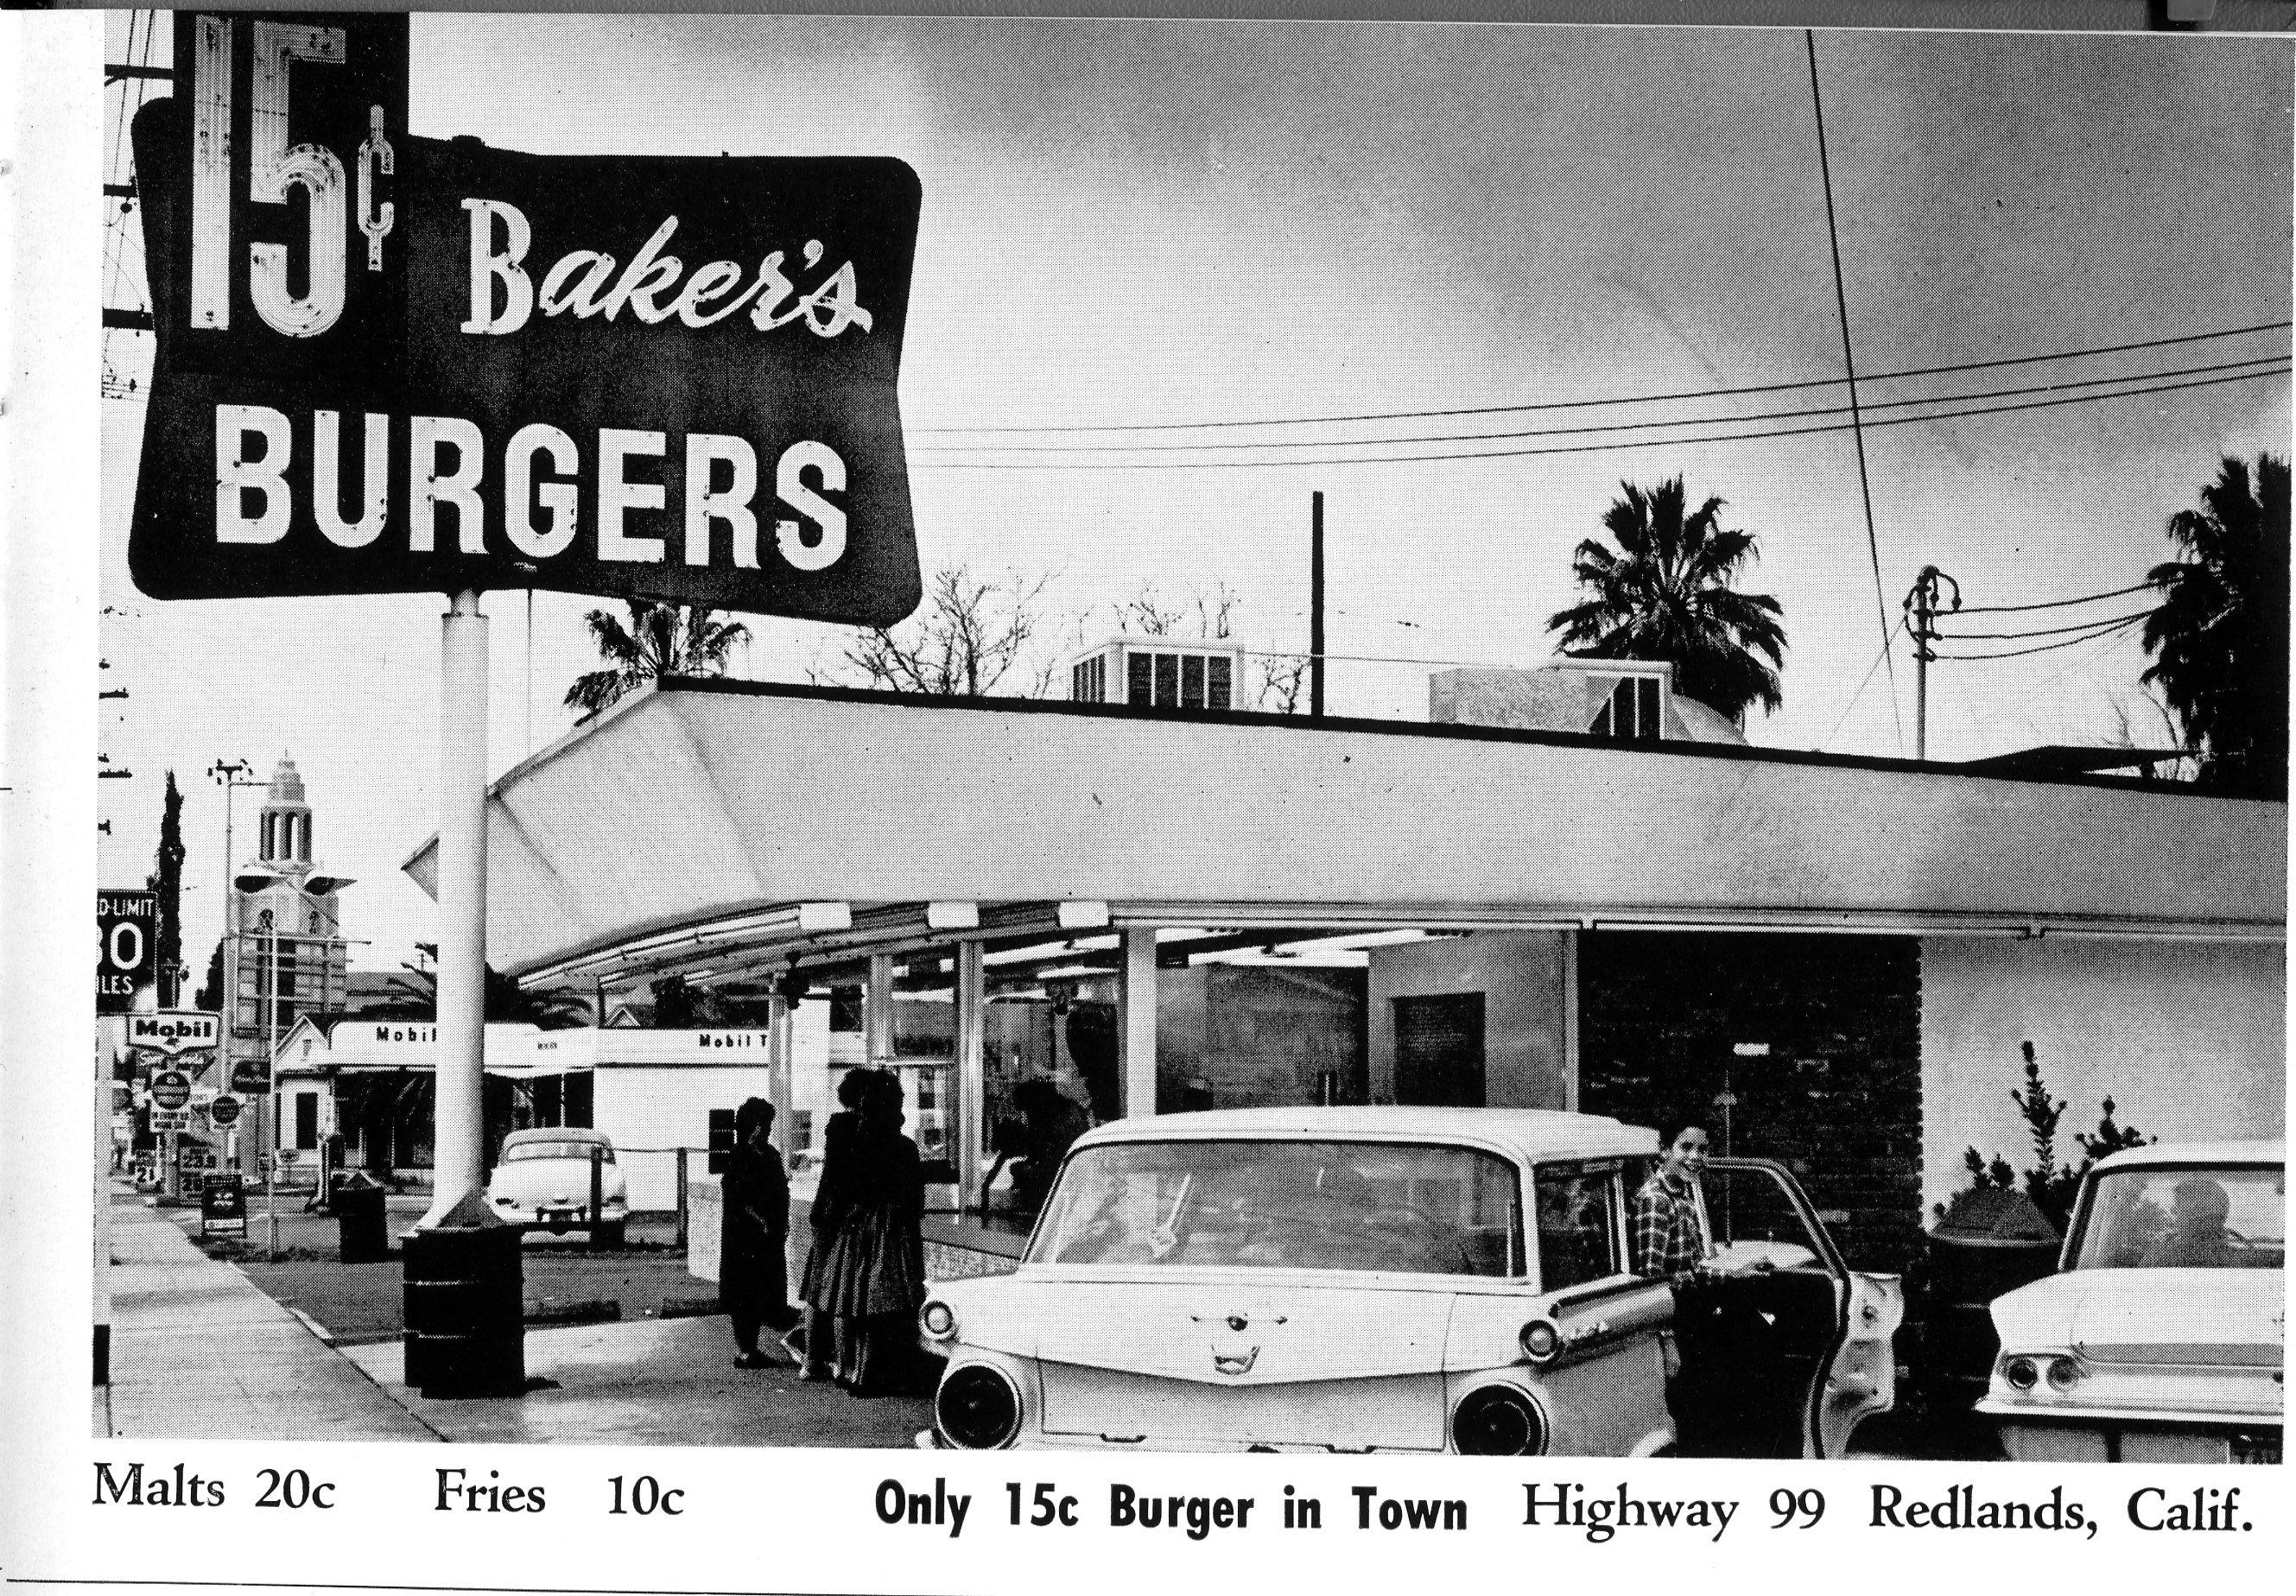 Baker's_1961